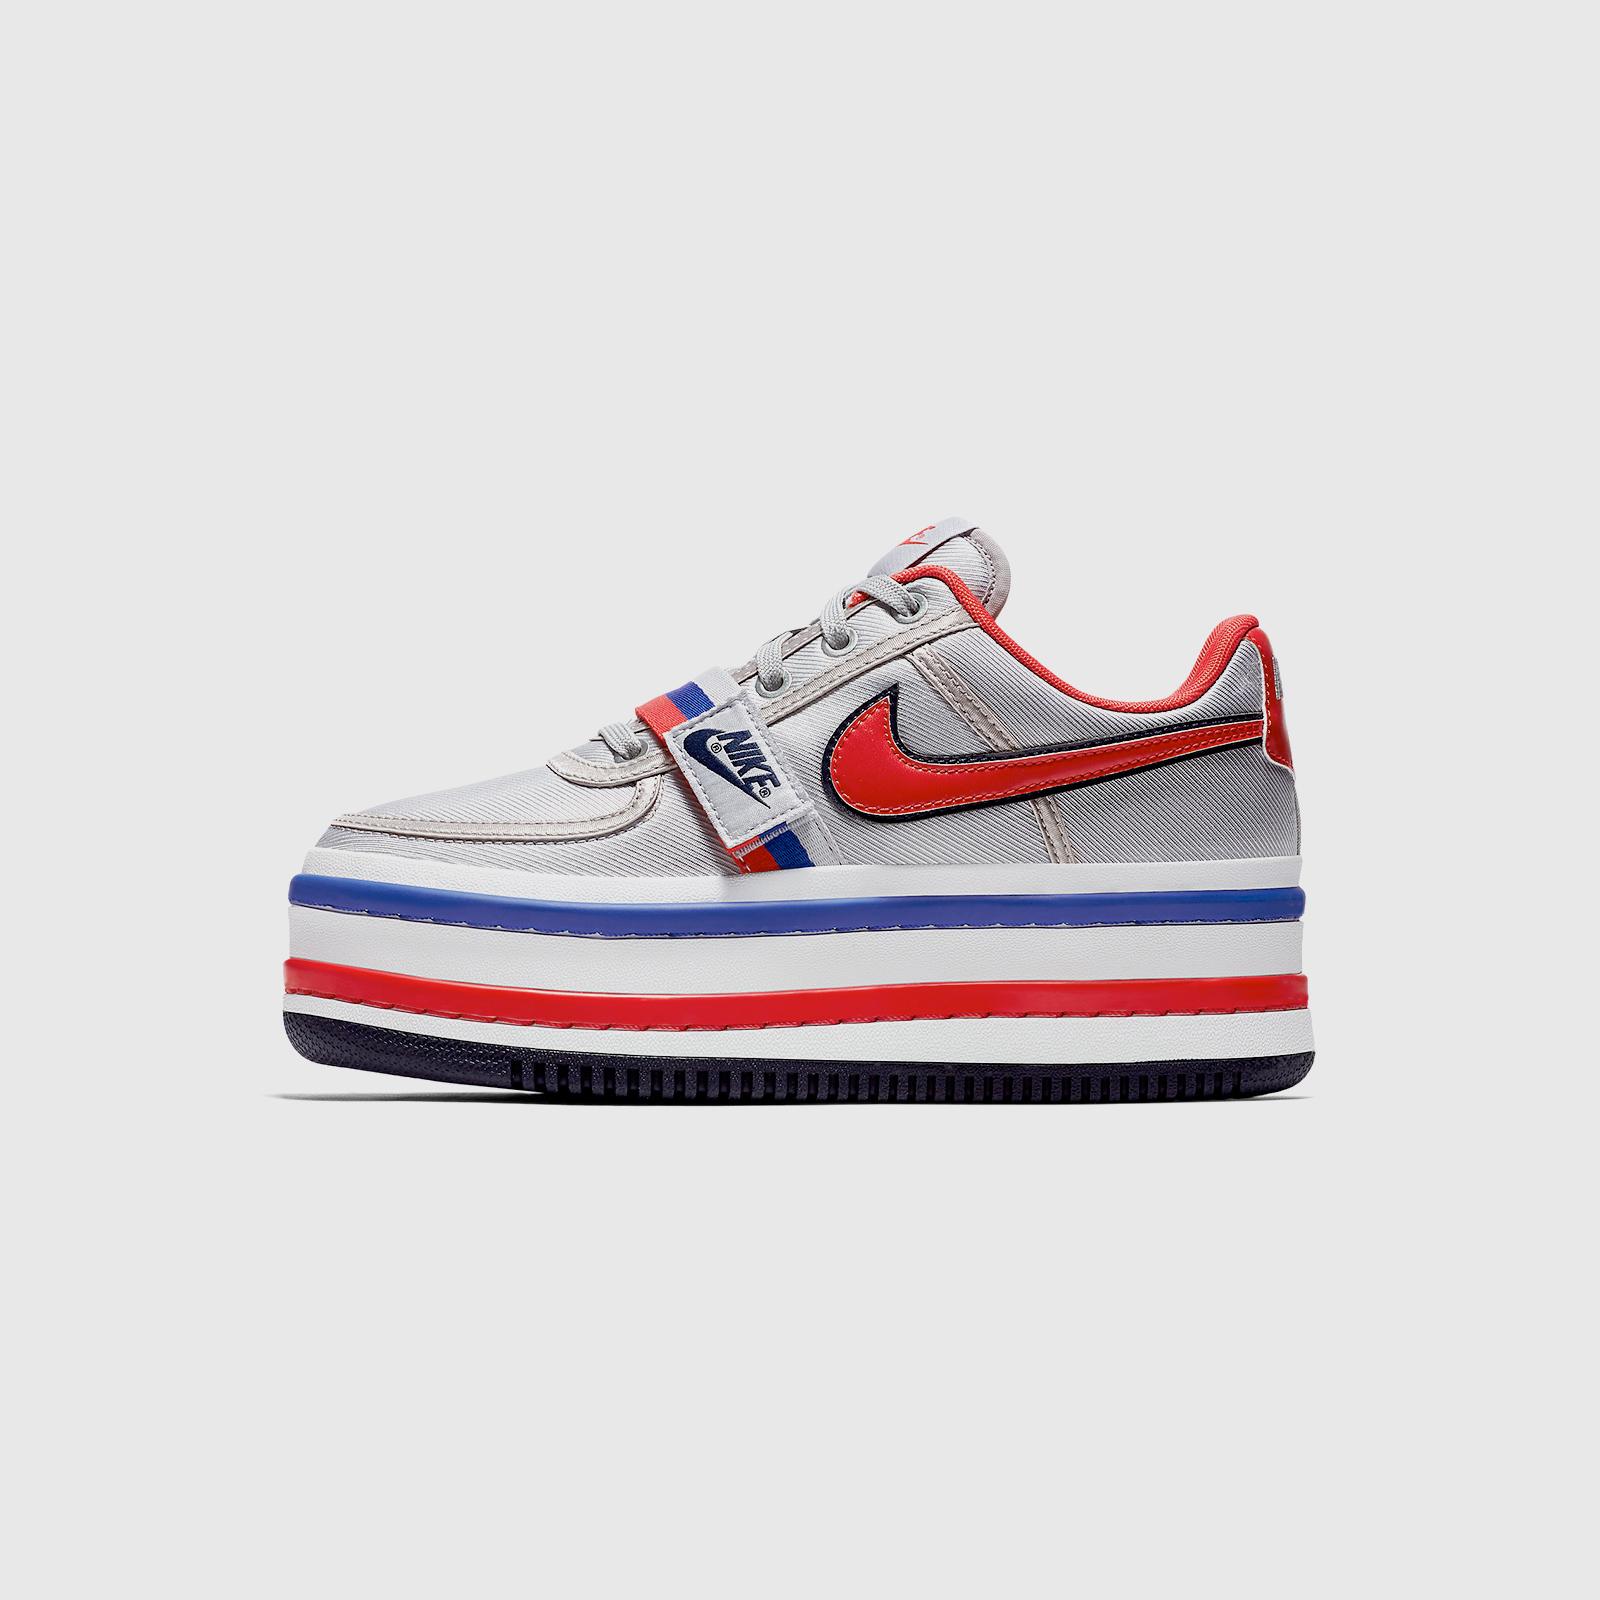 wholesale dealer 1af2b 09f86 Nike Sportswear Wmns Vandal 2K